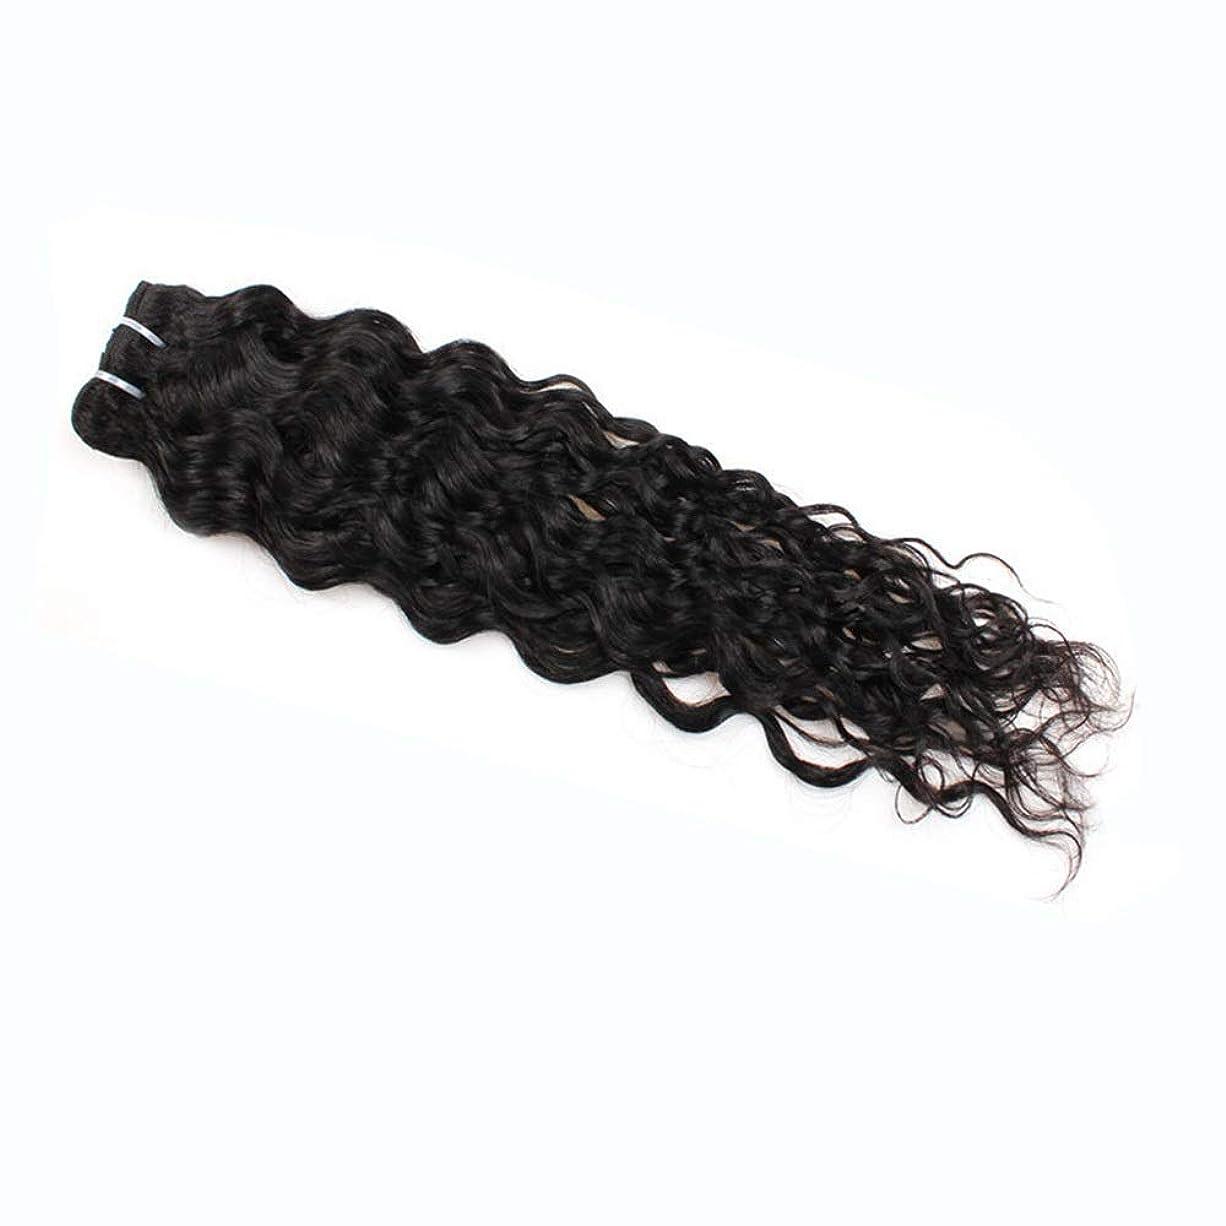 煩わしいドア廃棄するYESONEEP 7a未処理のバージンブラジル髪織り100%ブラジル水波人間の毛髪延長100グラム/バンドルナチュラルカラーパックの1複合ヘアレースかつらロールプレイングウィッグロングとショート女性自然 (色 : 黒, サイズ : 16 inch)